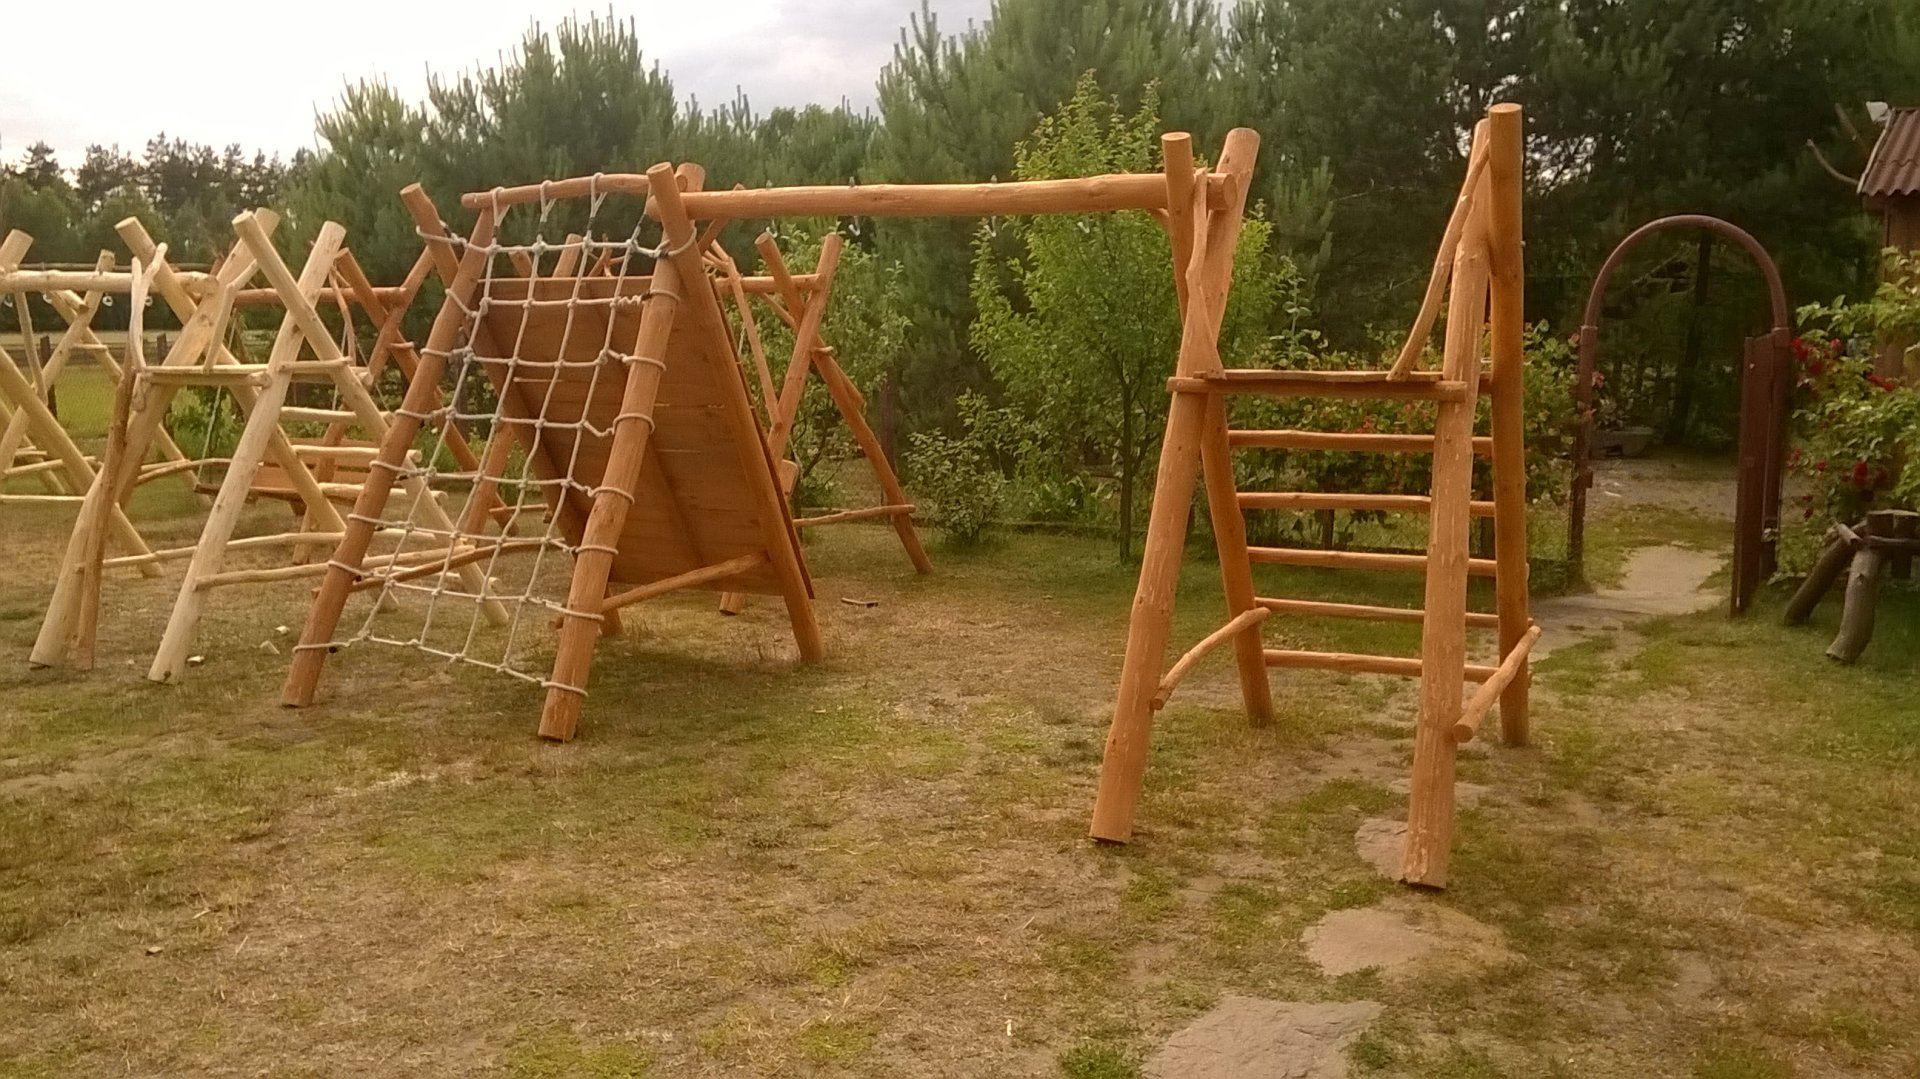 Meble Ogrodowe Dla Dzieci Z Biedronki : Domki ogrodowe dla dzieci  Meble ogrodowe Przasnysz  Fabryka Drewna